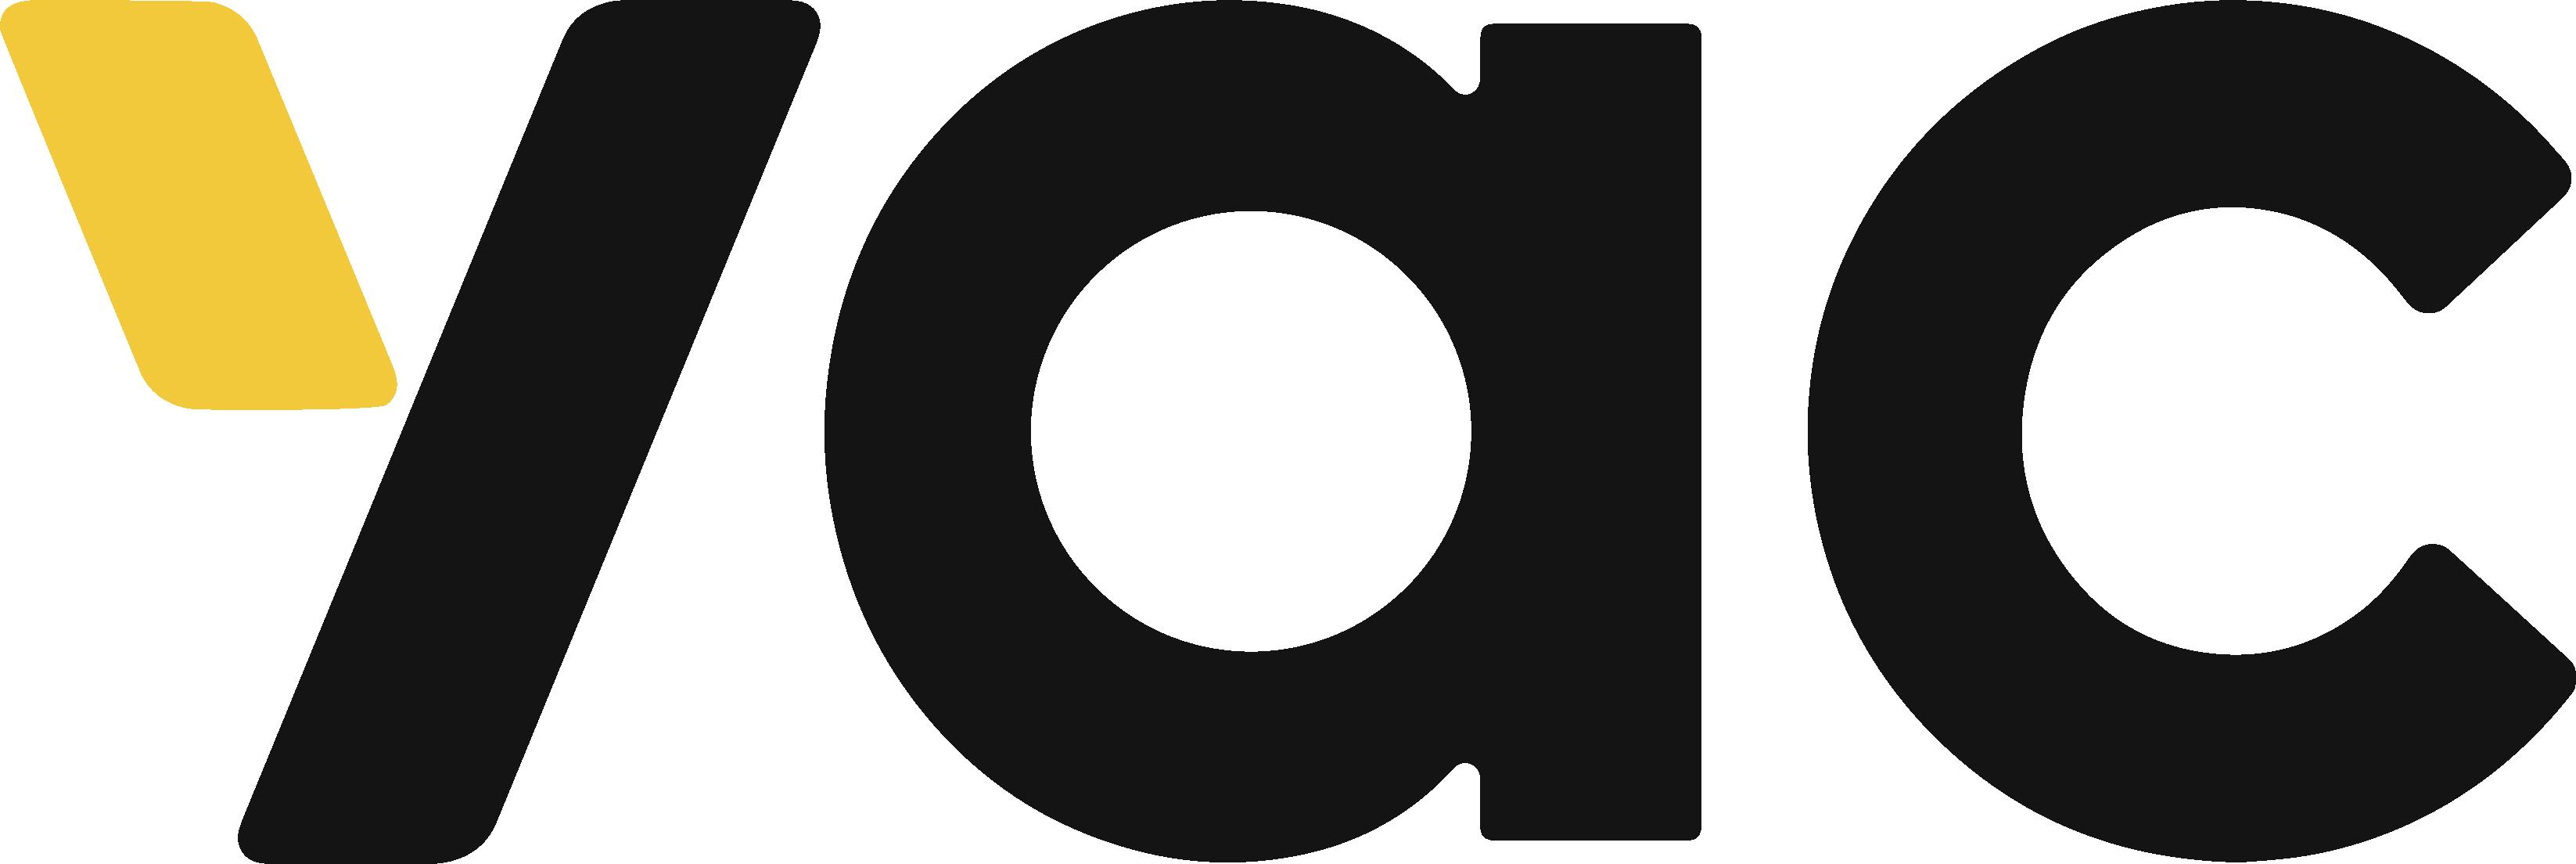 dark yac logo